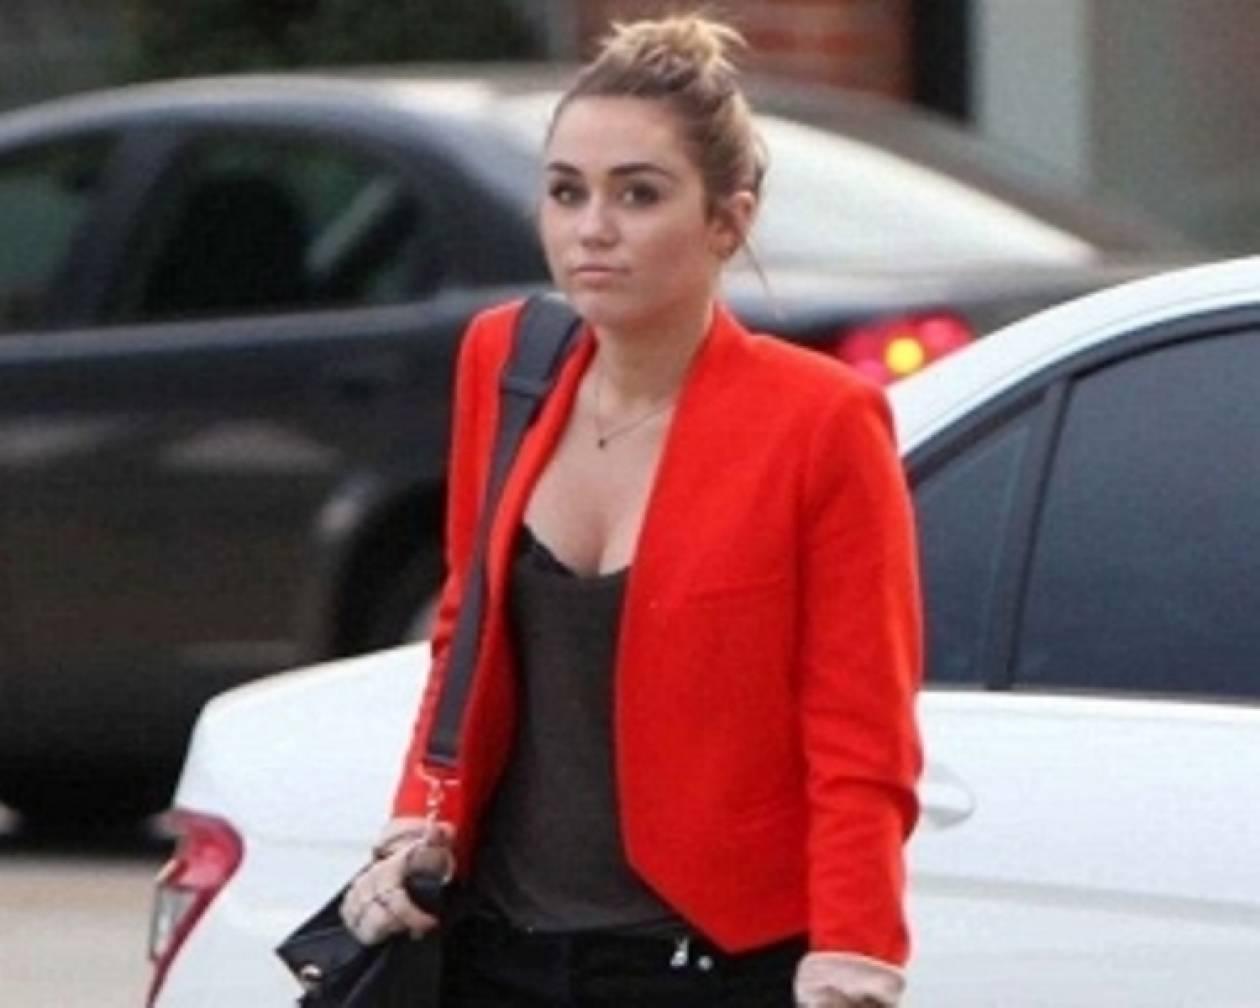 Η Miley Cyrus υπερασπίστηκε τις καμπύλες της στο Twitter